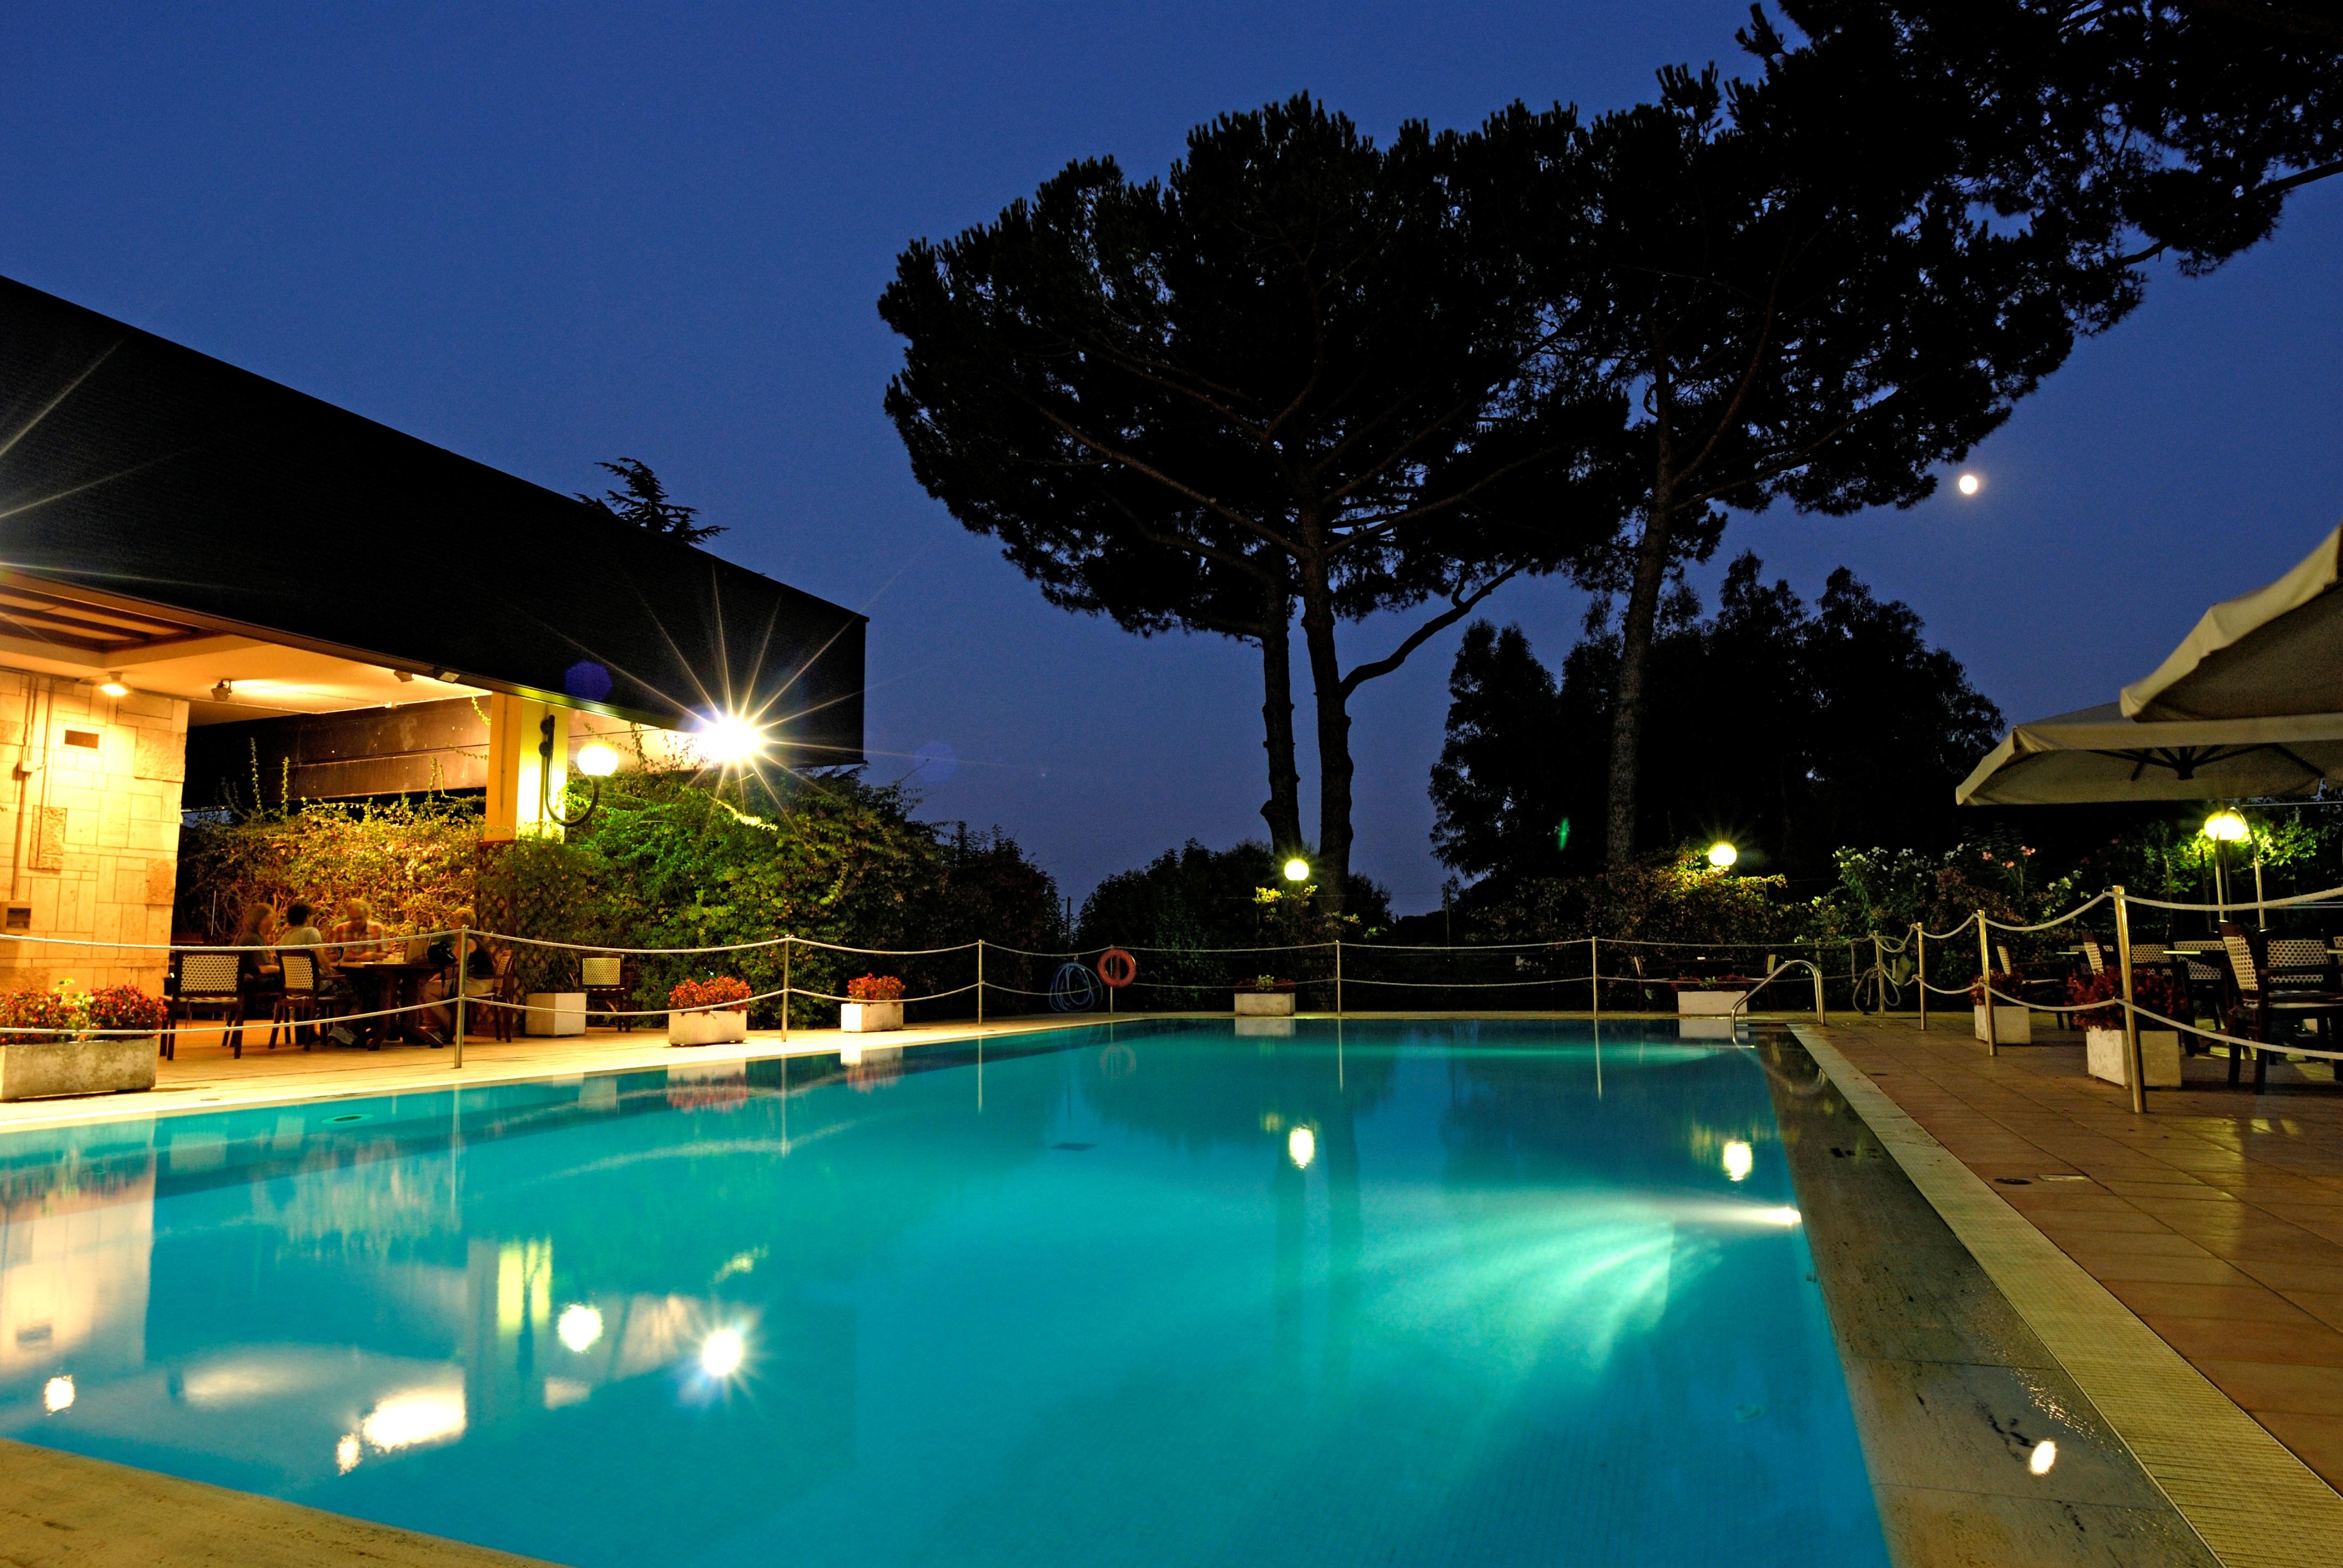 Holiday Inn-rome Aurelia